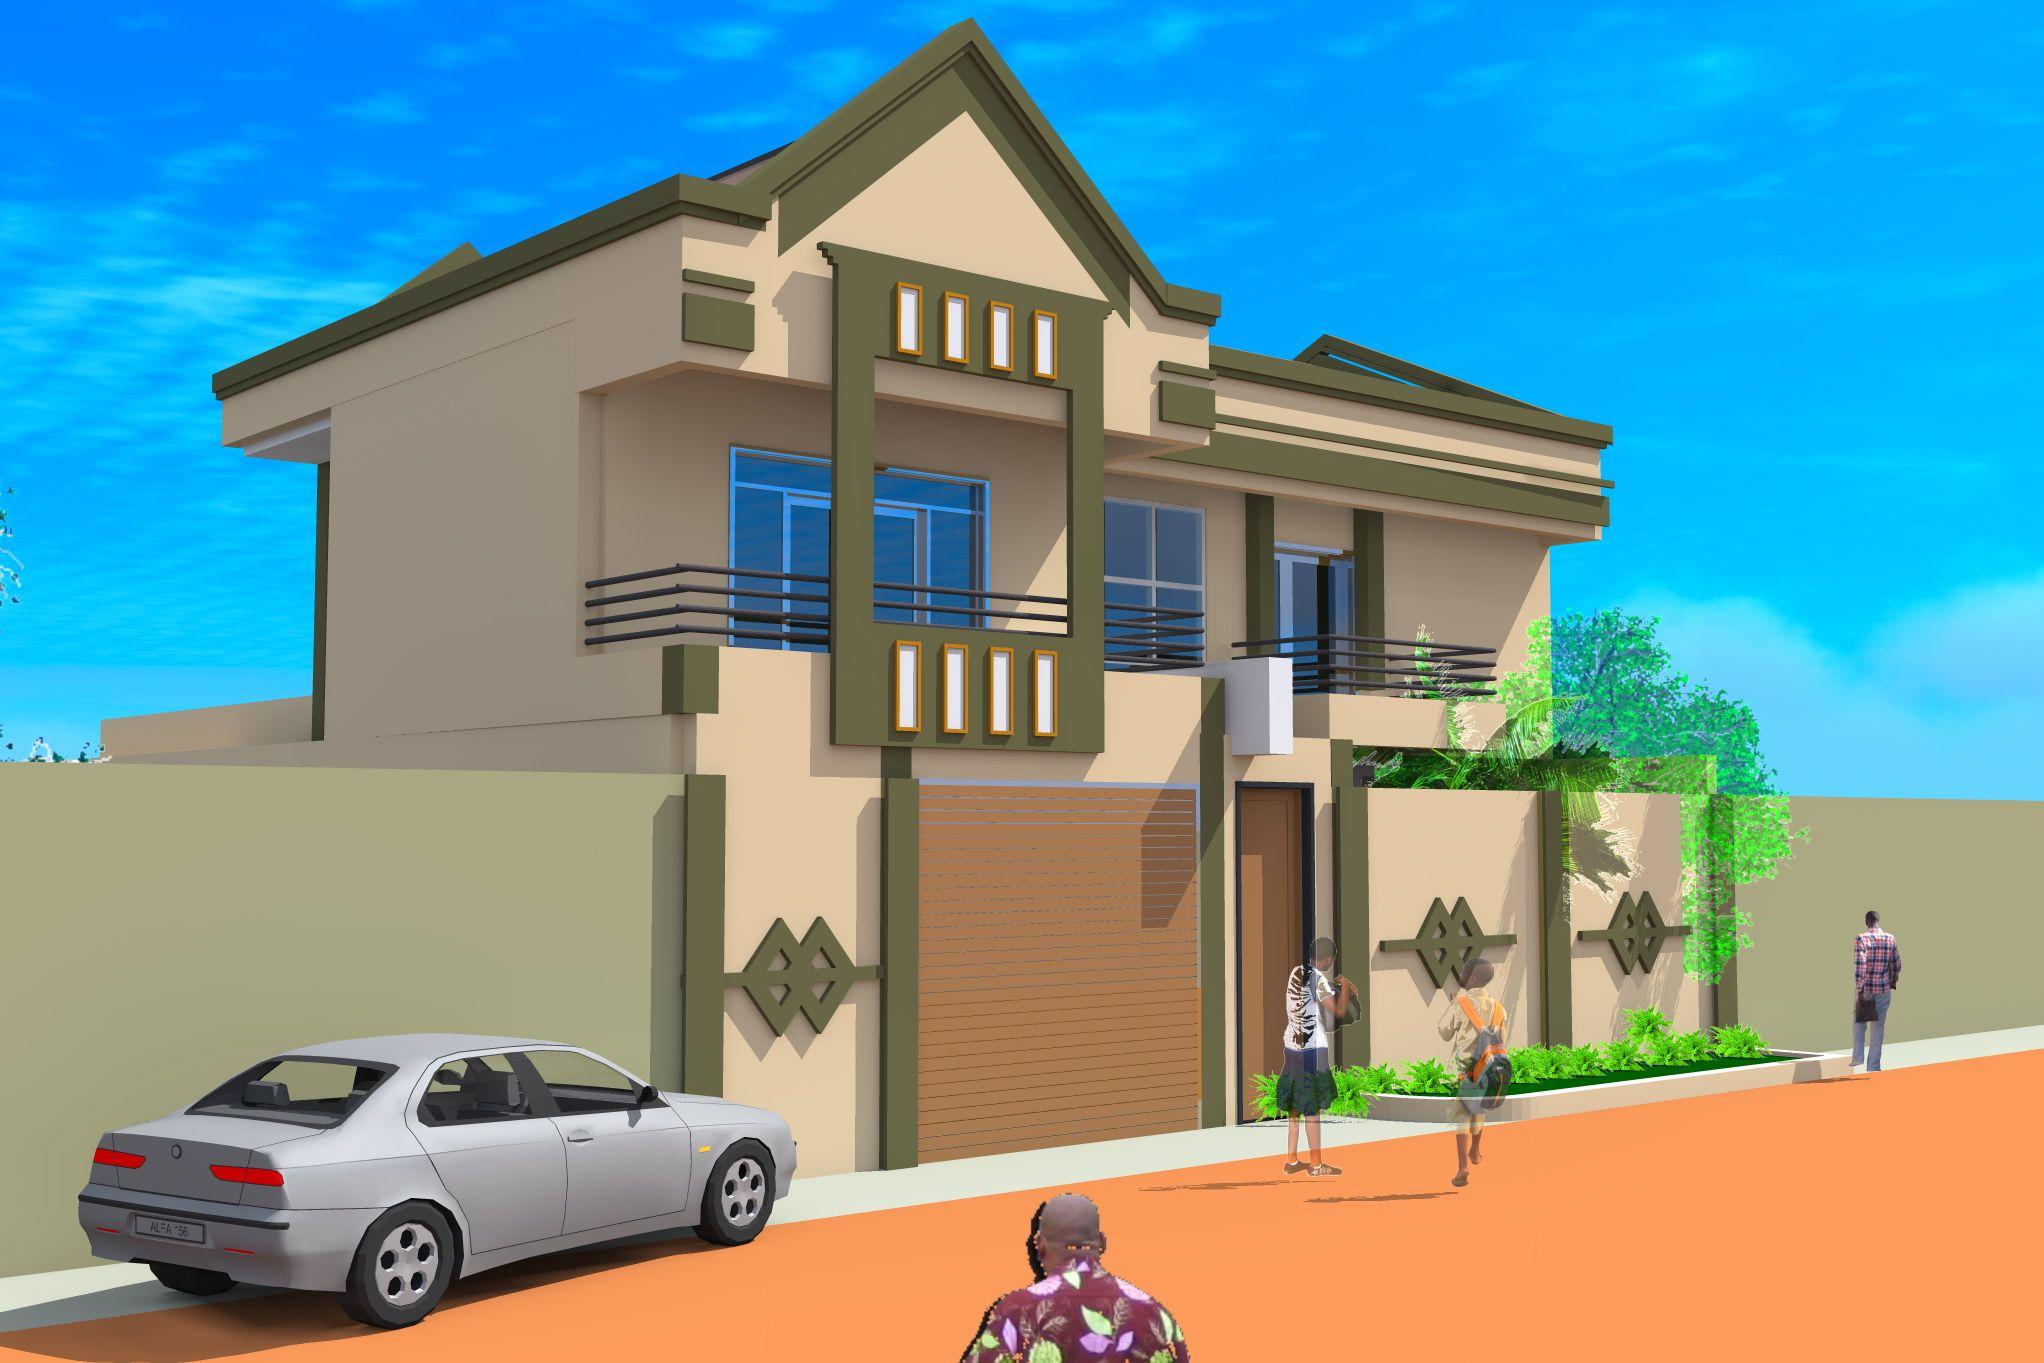 Projet d 39 extension d 39 une villa a ouagadougou burkina faso for Projet extension